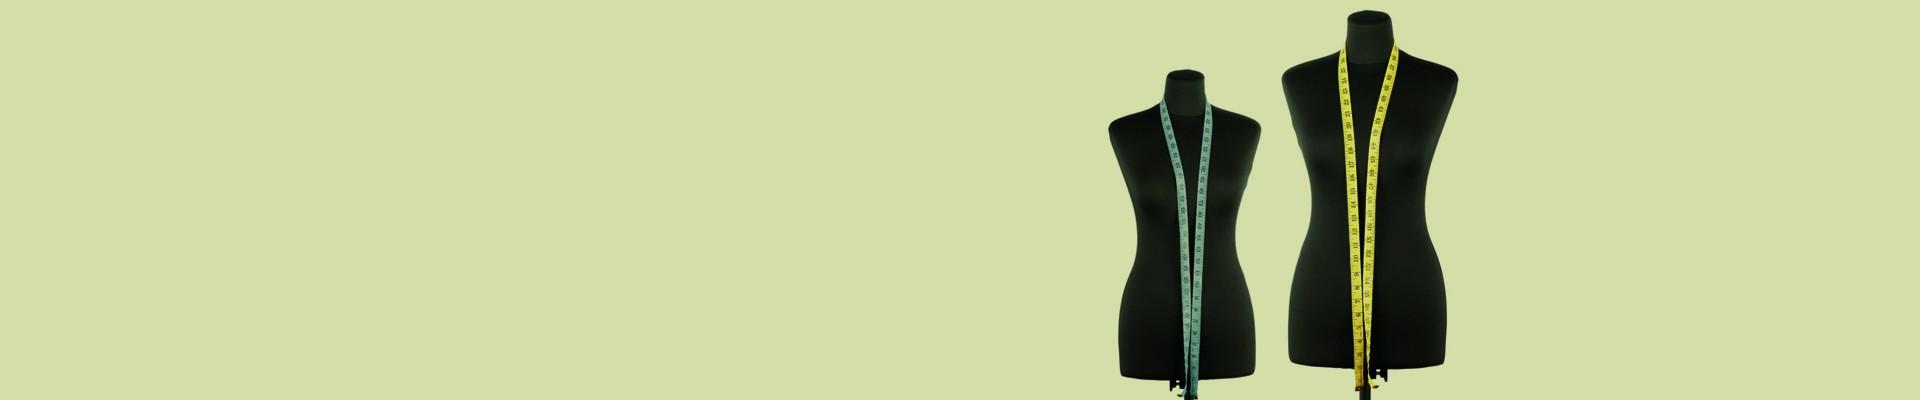 Jual Patung Manekin dari Harga Termurah  8abc8894d7